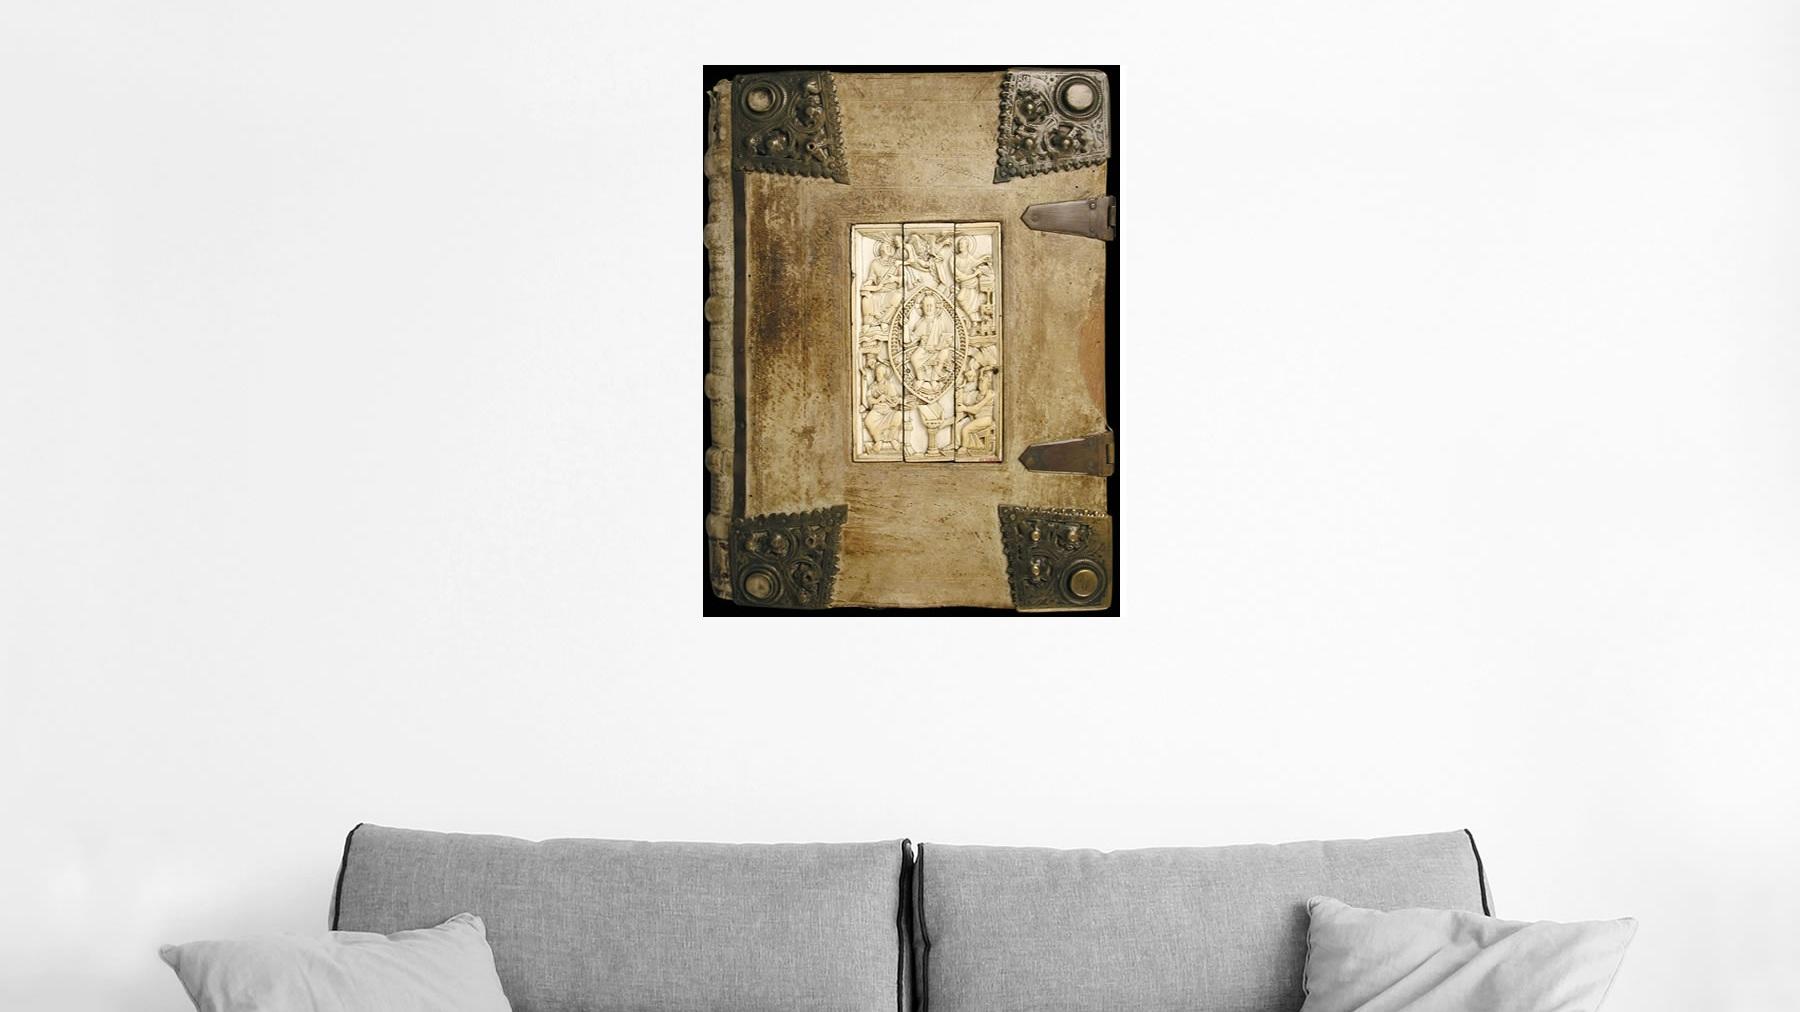 plaque_18x24_poster.jpg